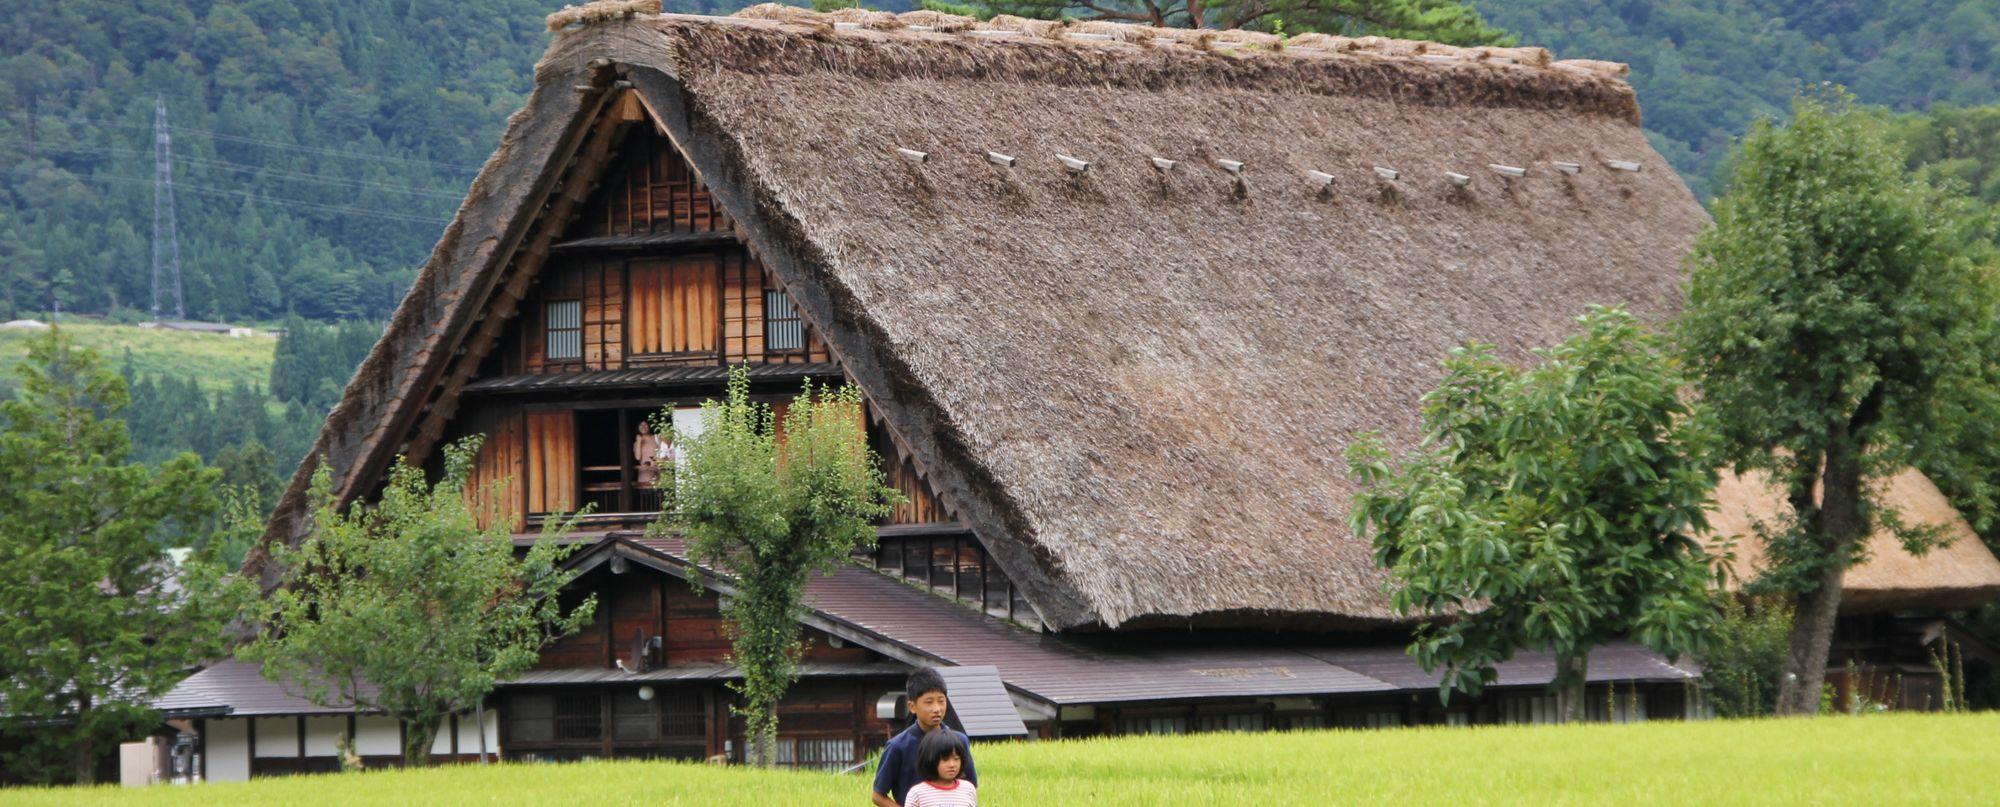 Japón -  Isla de Honshu. Ciudades, pueblos de postas y Monte Fuji - Salidas semanales con guía en castellano